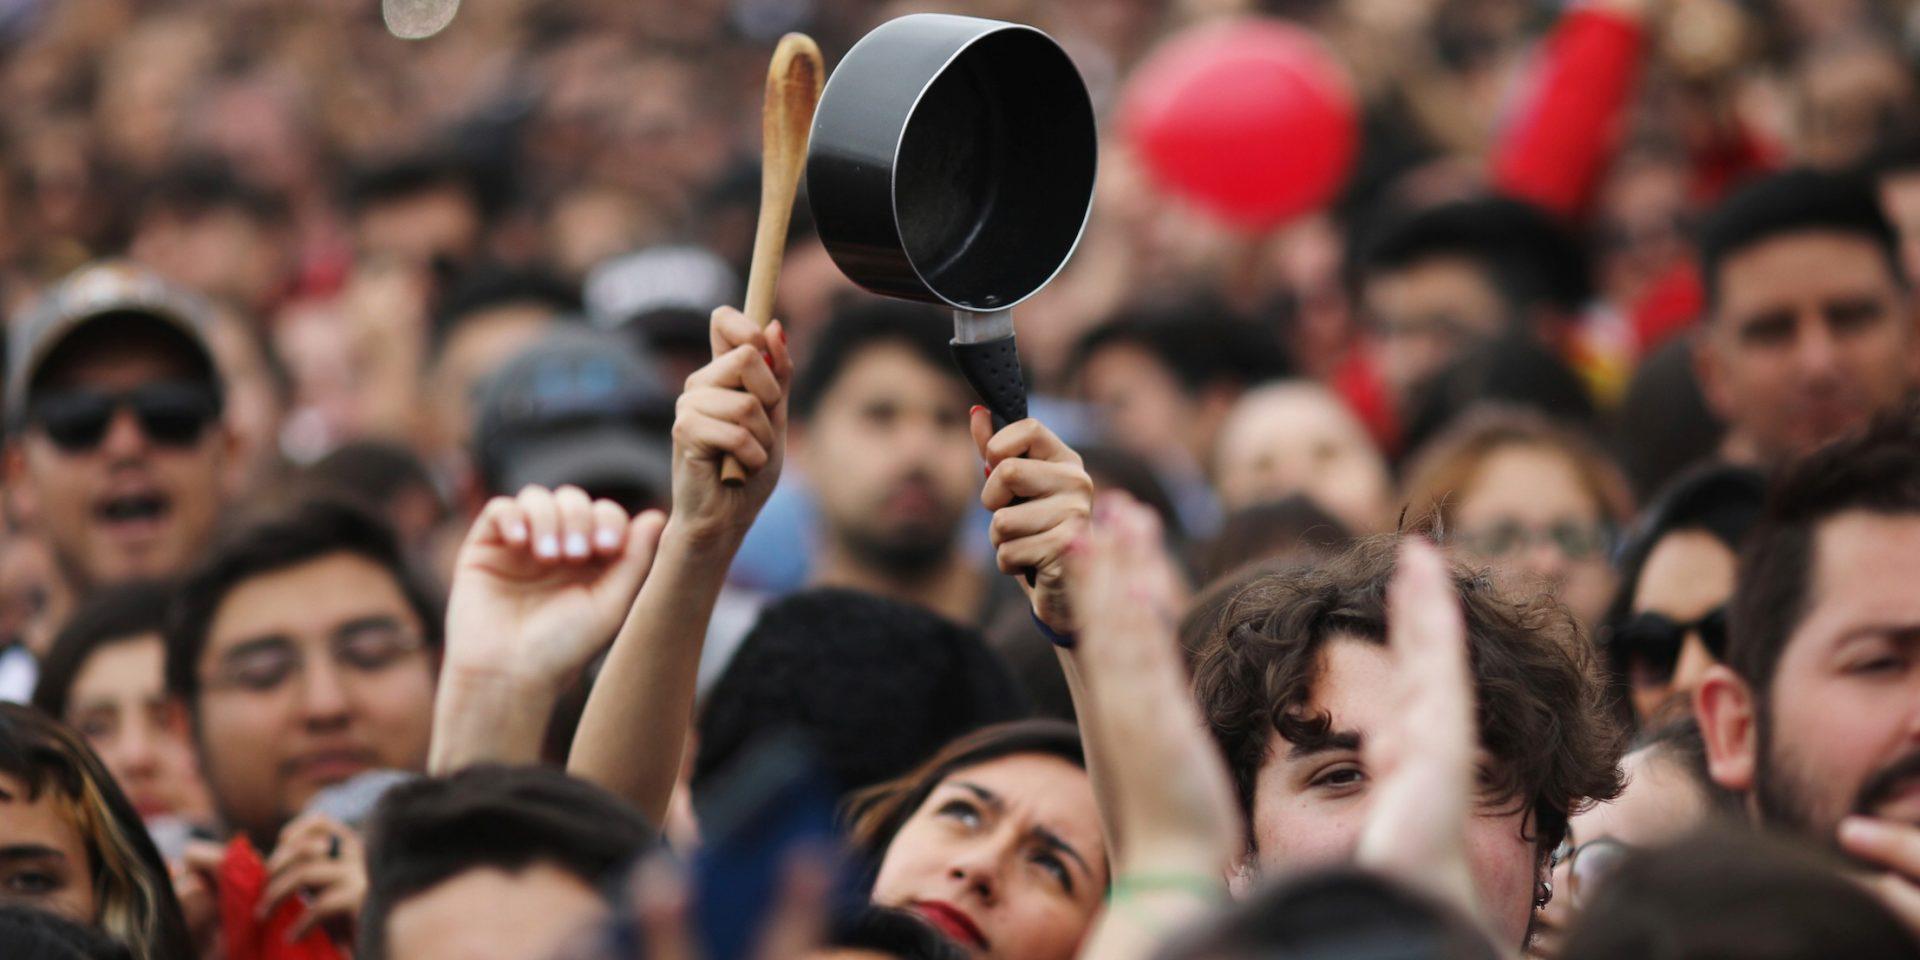 En kvinna bankar på en kastrull, symboliskt för protester i Latinamerika, under en antiregerings-konsert i Santiago, Chile.